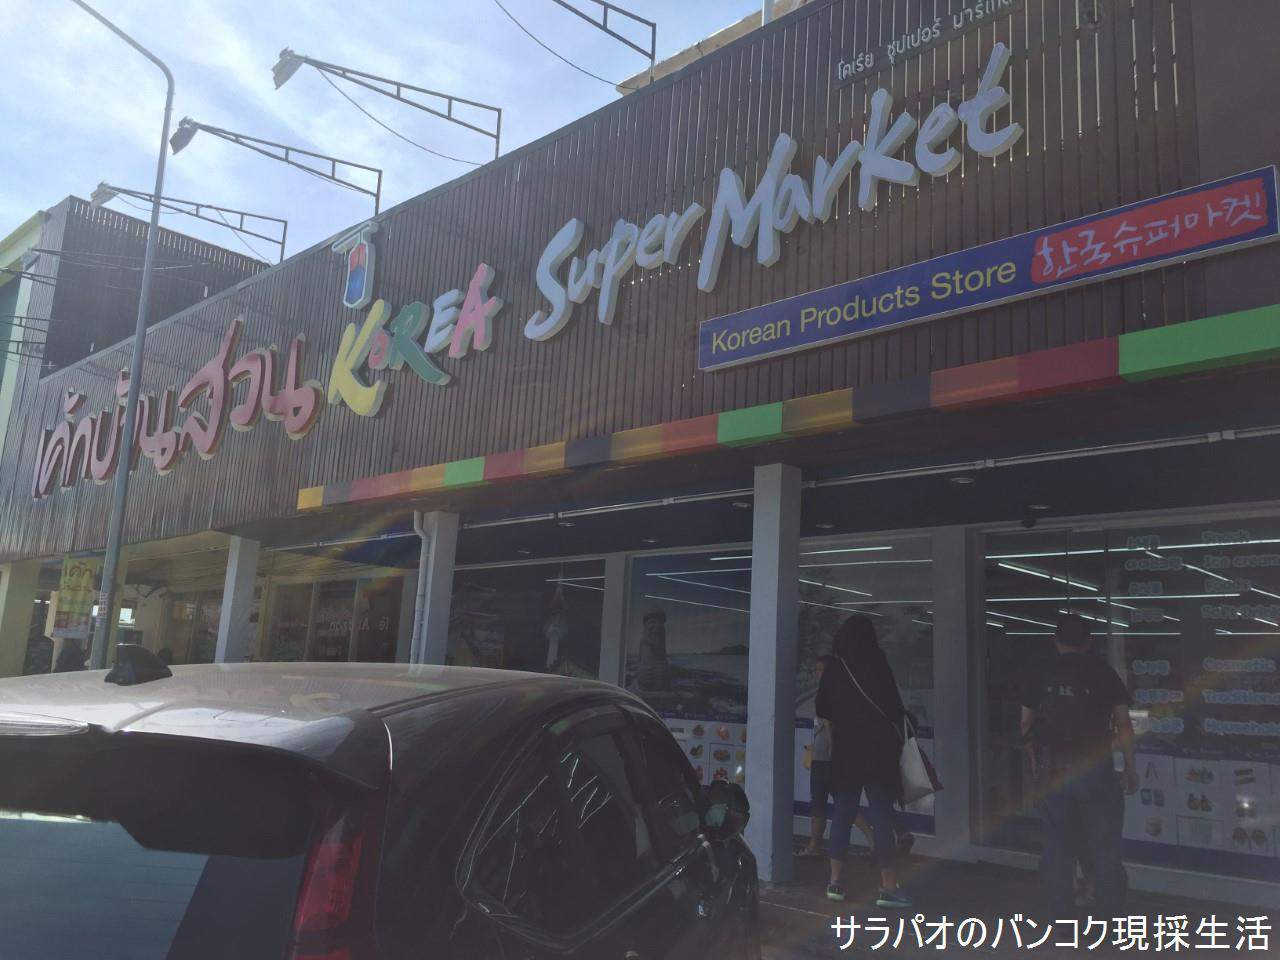 KoreaSuperMarket_01.jpg